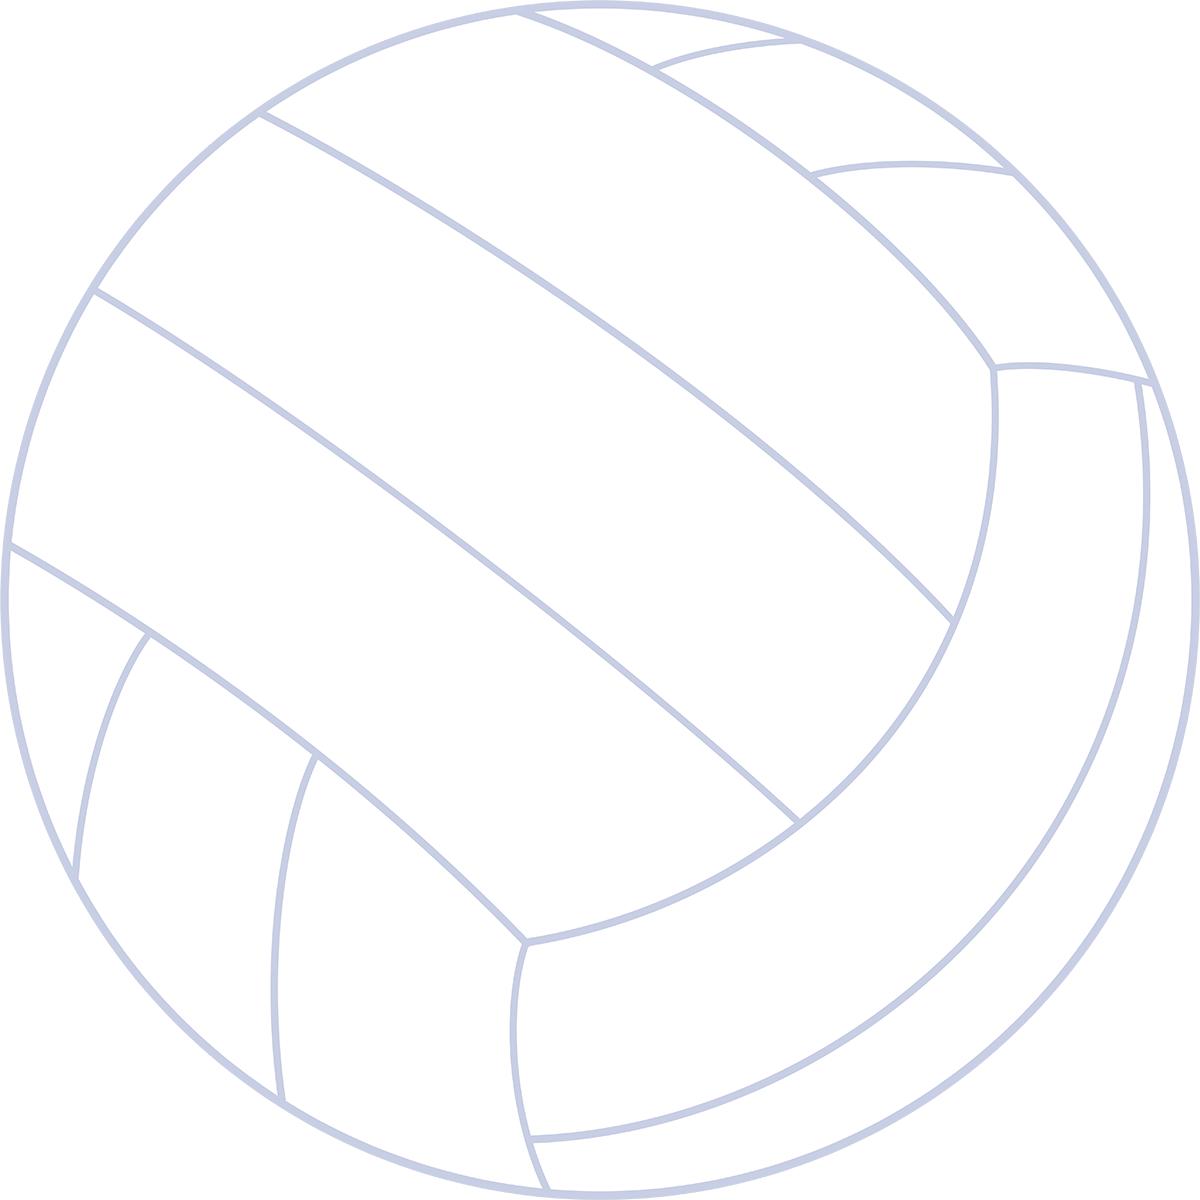 バレーボールの無料イラスト